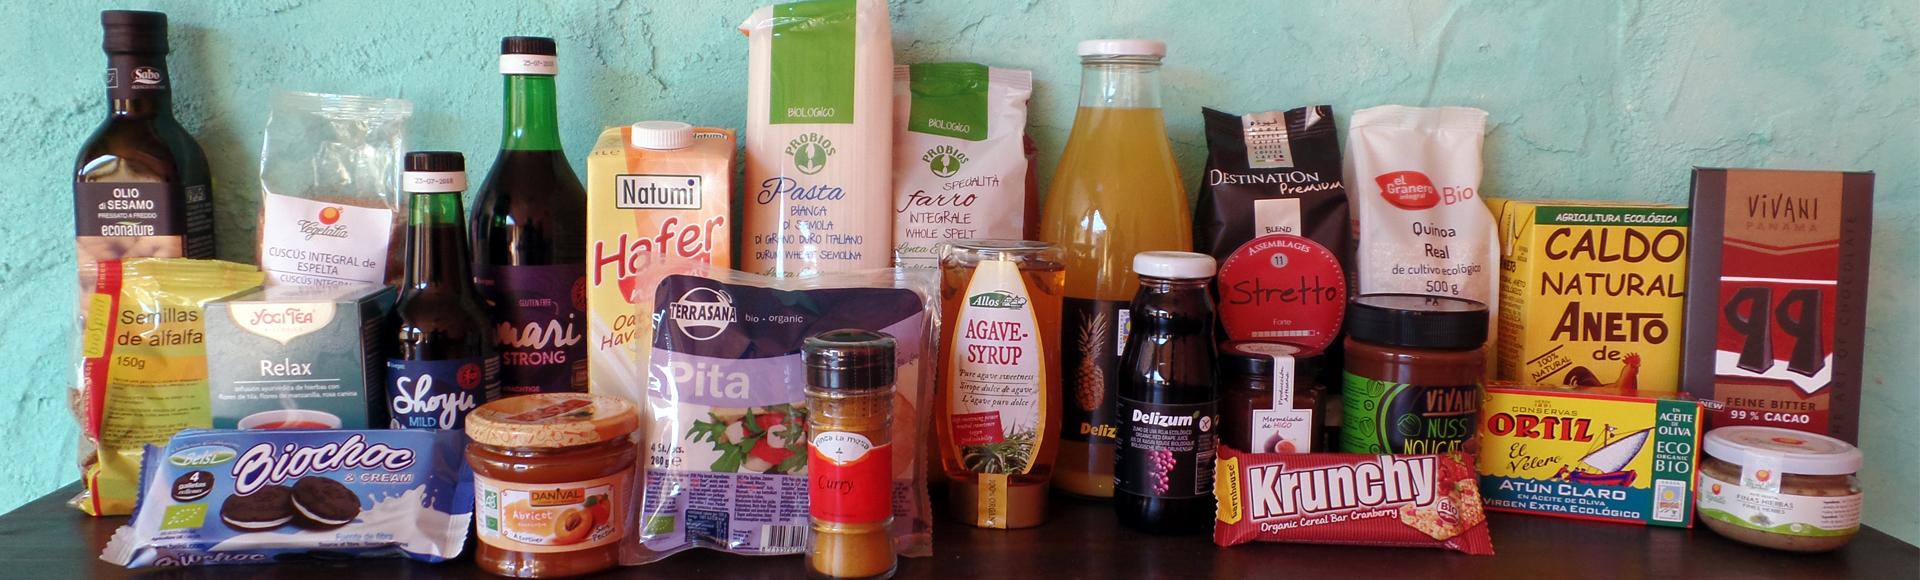 gran variedad de productos ecológicos